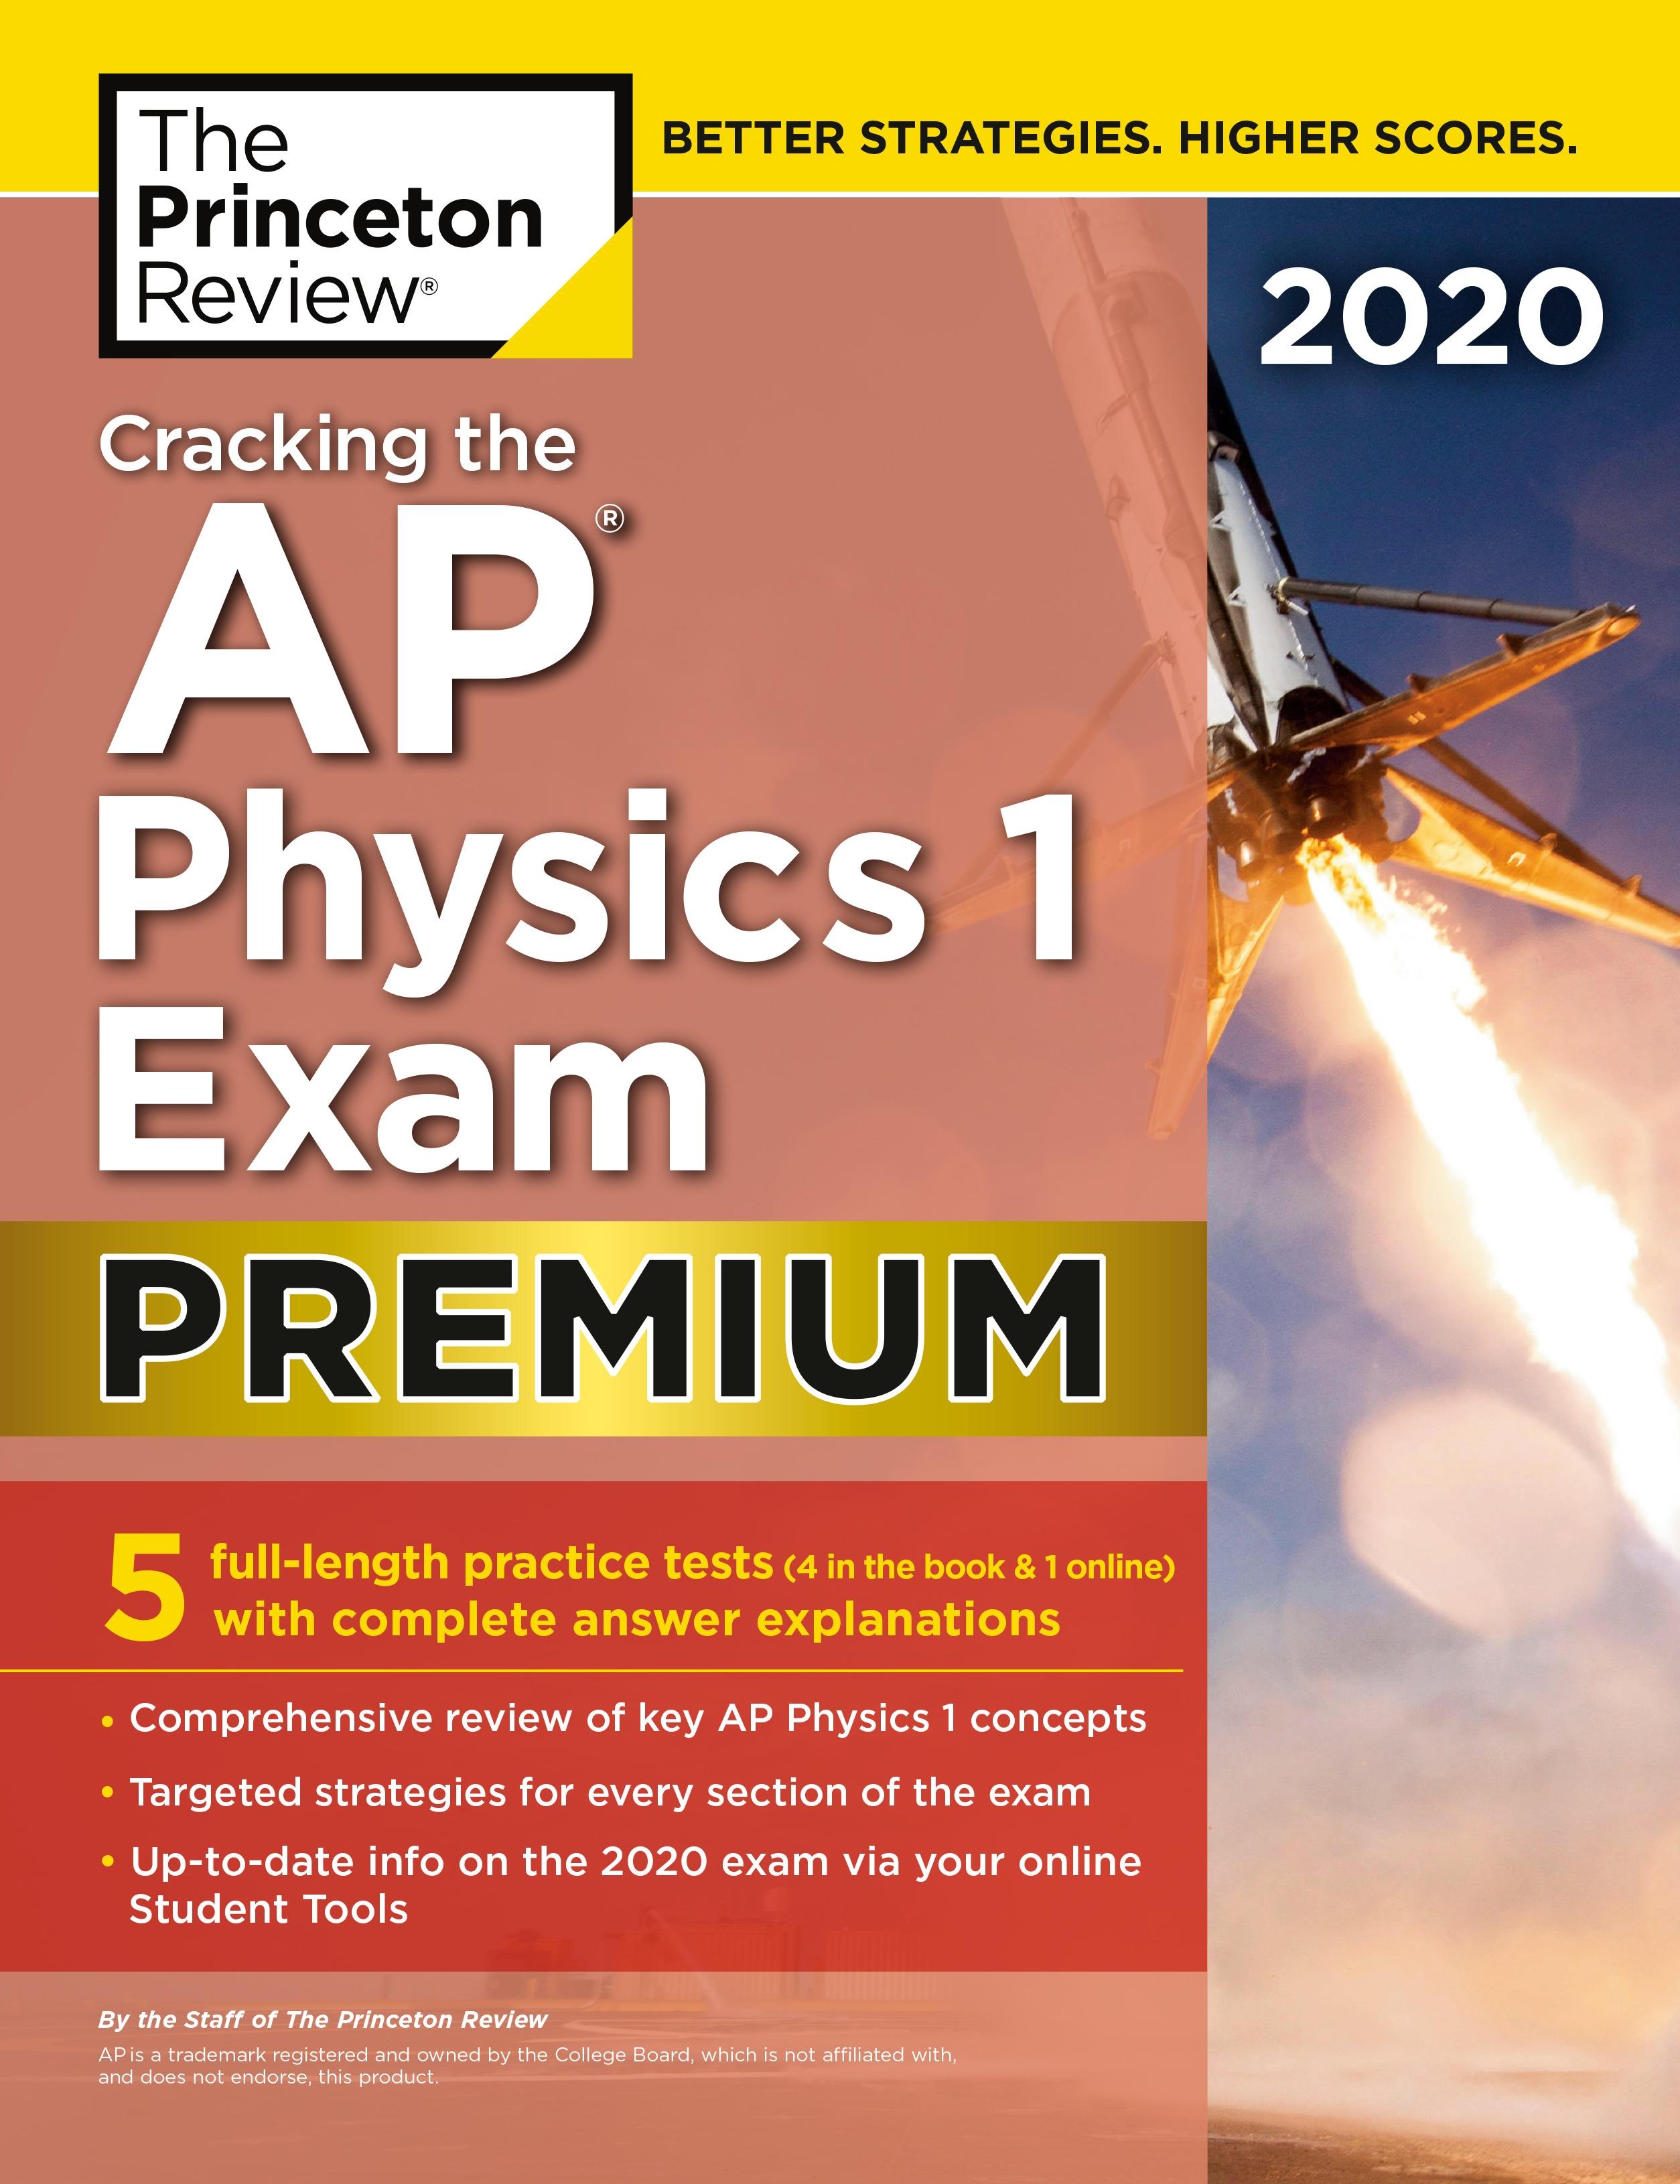 Cracking the AP Physics 1 Exam 2020, Premium Edition - Penguin Books